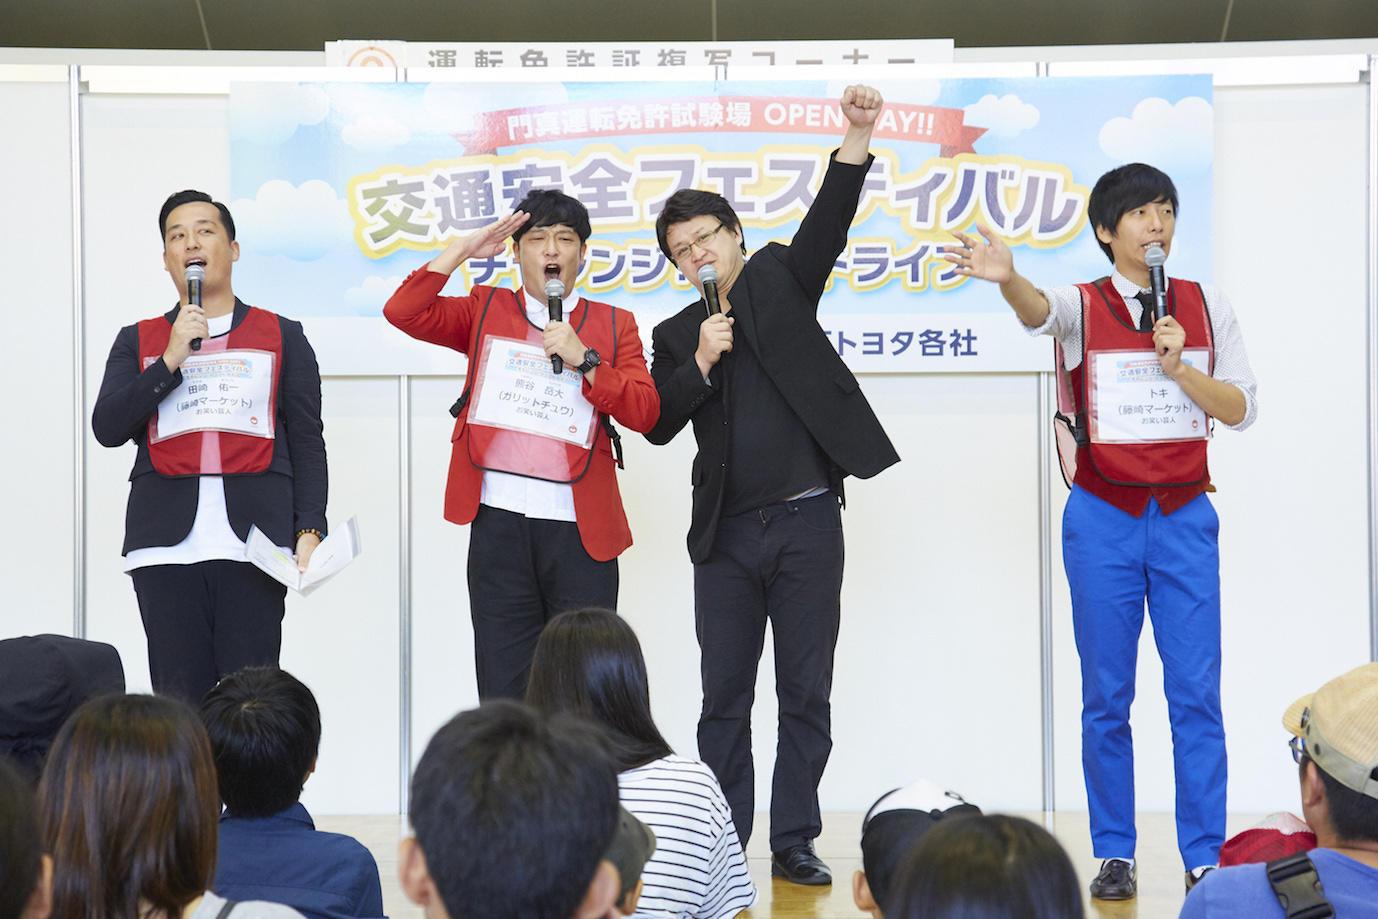 http://news.yoshimoto.co.jp/20181012090002-2bbc1d2fa961f84e347e777f58f6f2b813850638.jpg